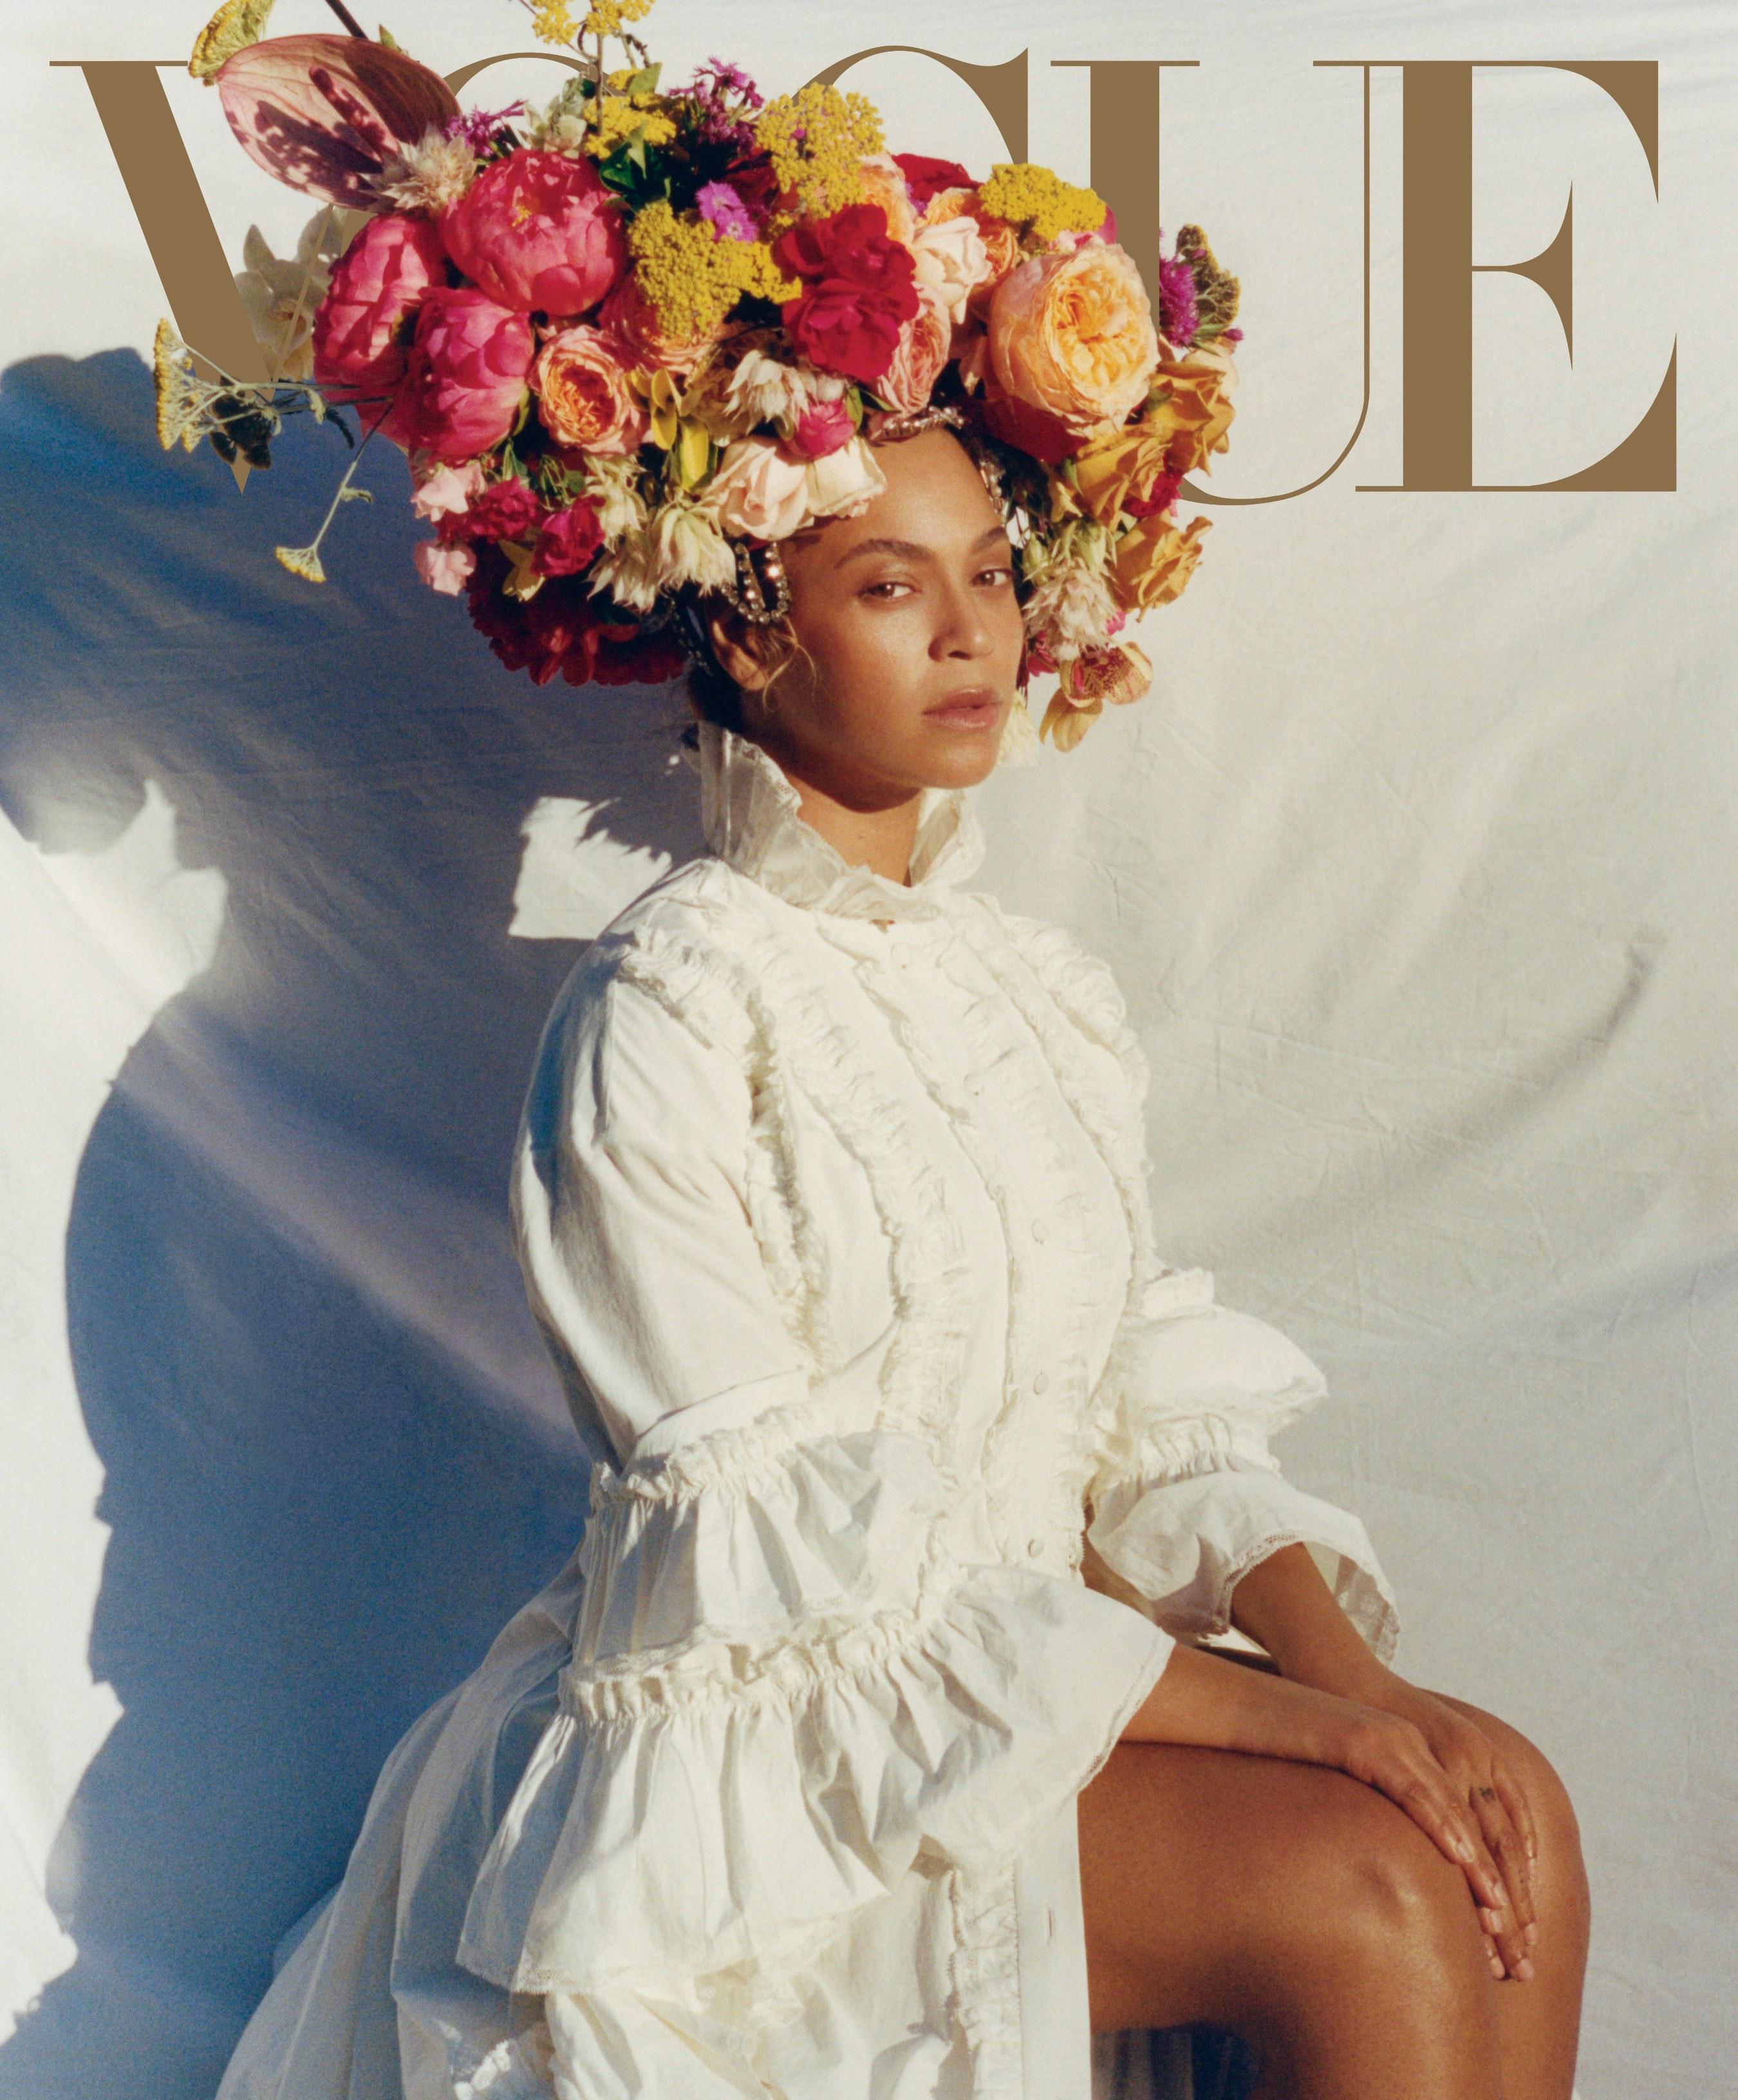 Ca sĩ Beyoncé trên bìa Vogue số tháng 9_2018